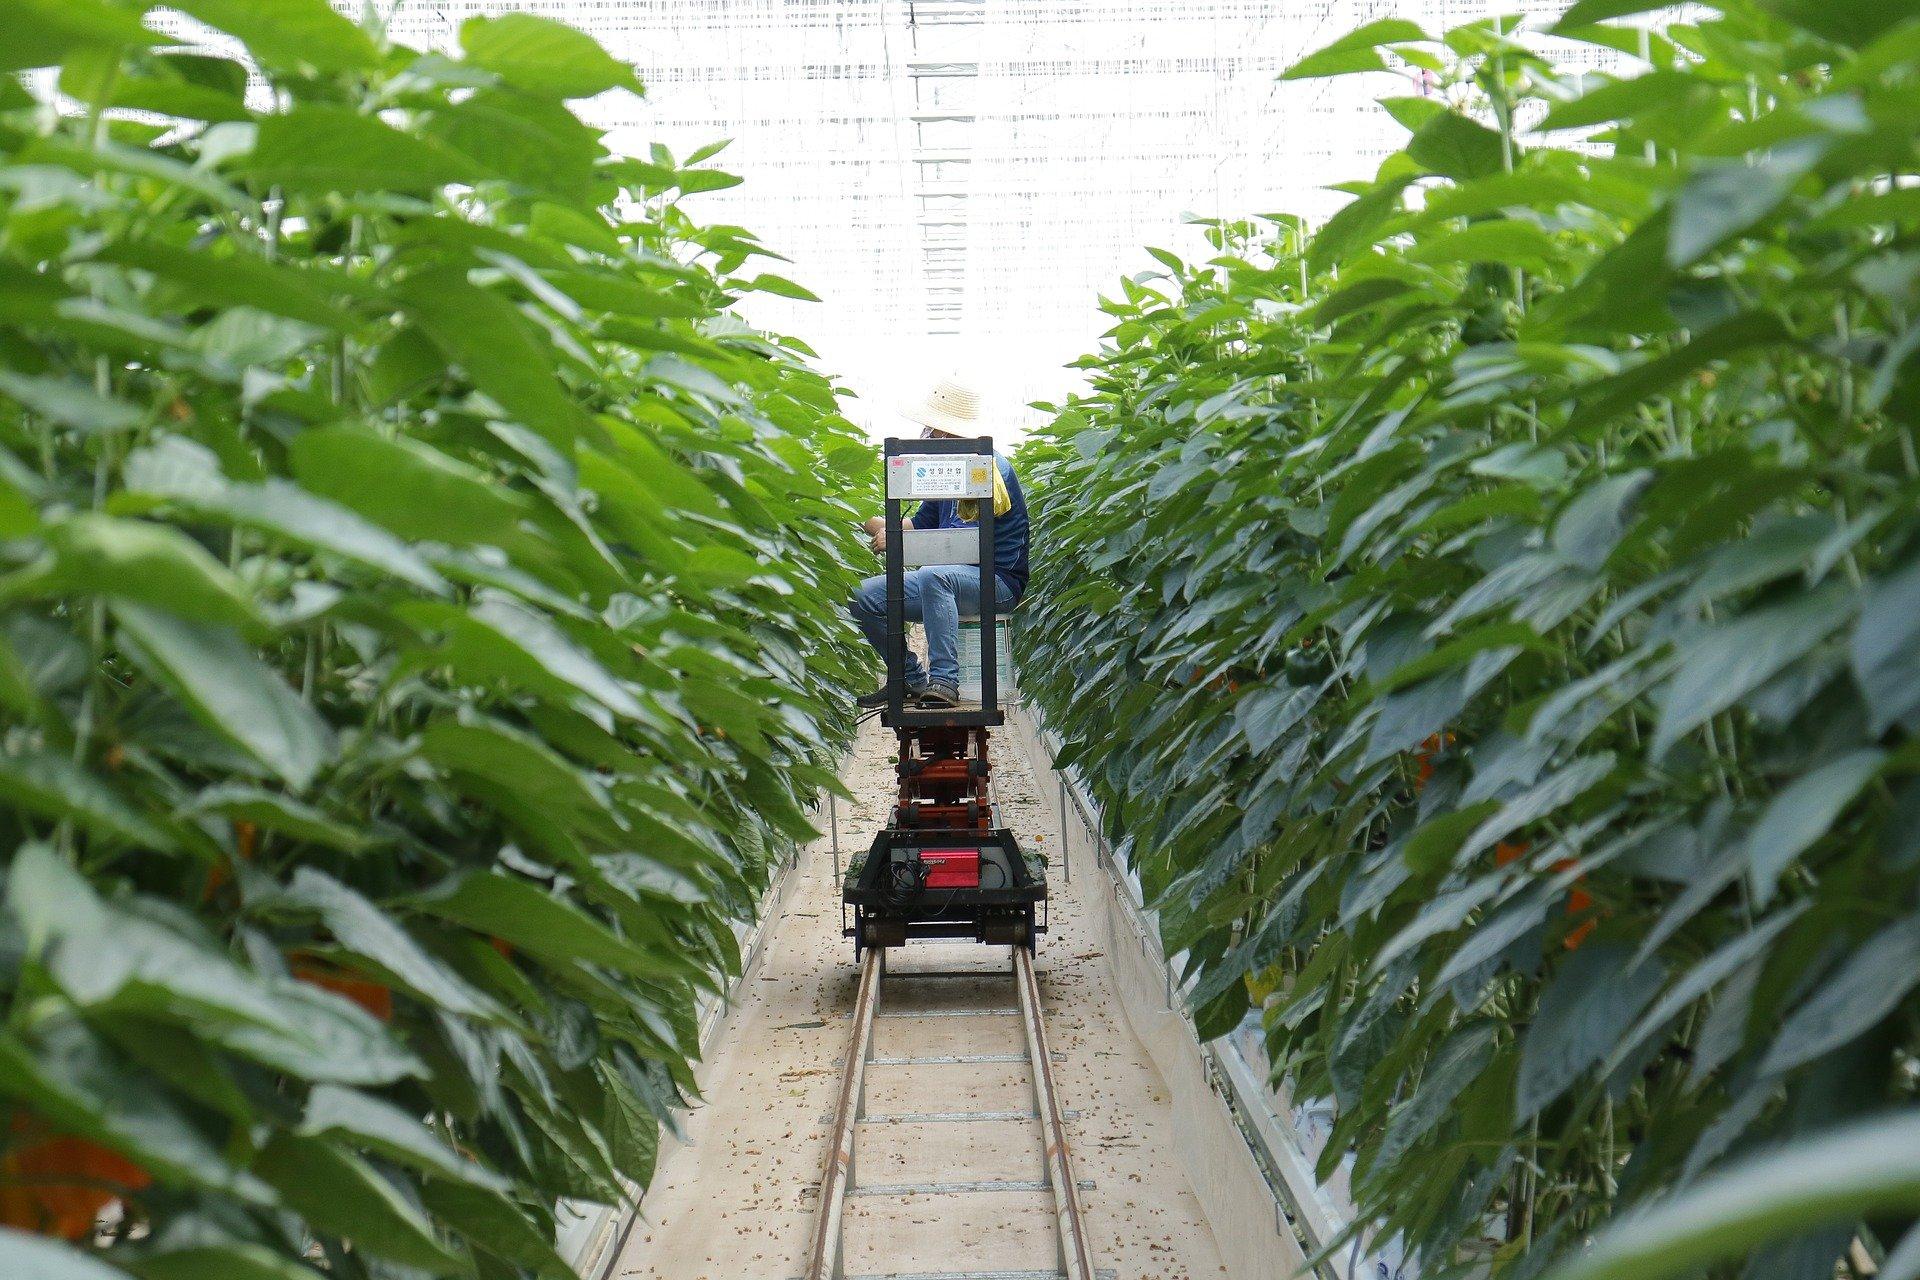 How iot tech help in smart farming